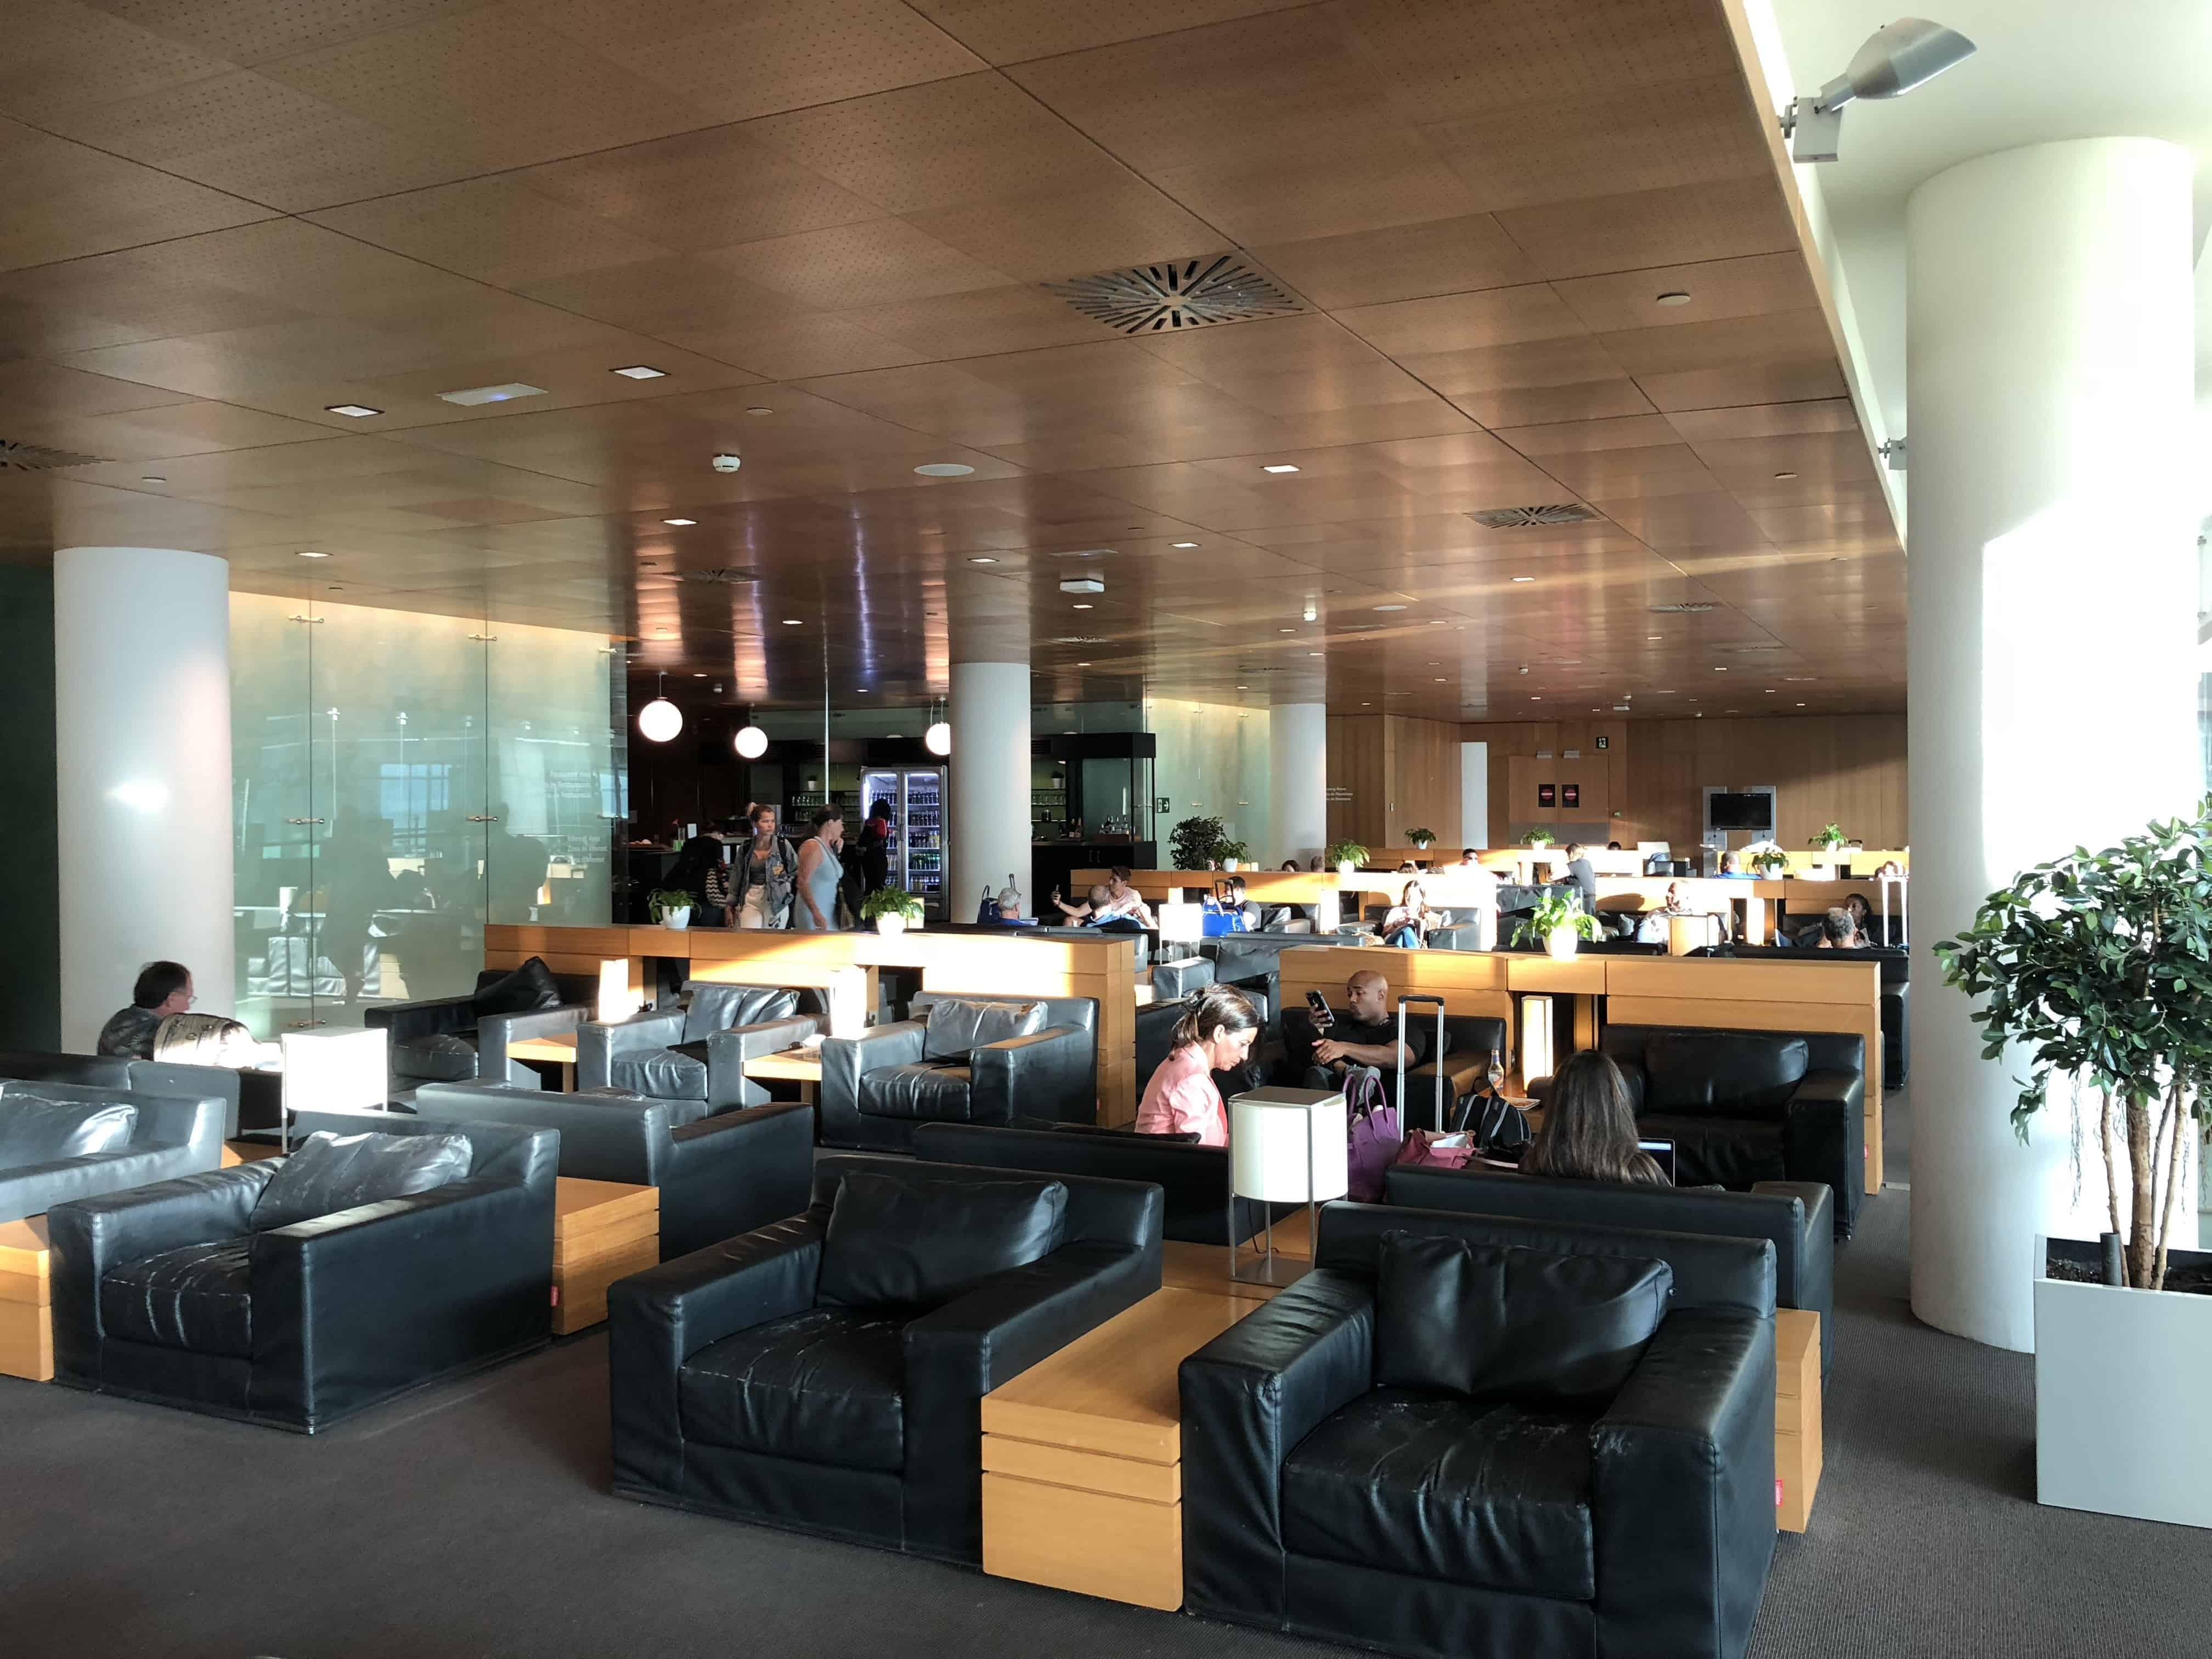 Sitzgelegenheiten in der Miro Lounge am Flughafen Barcelona El-Prat.